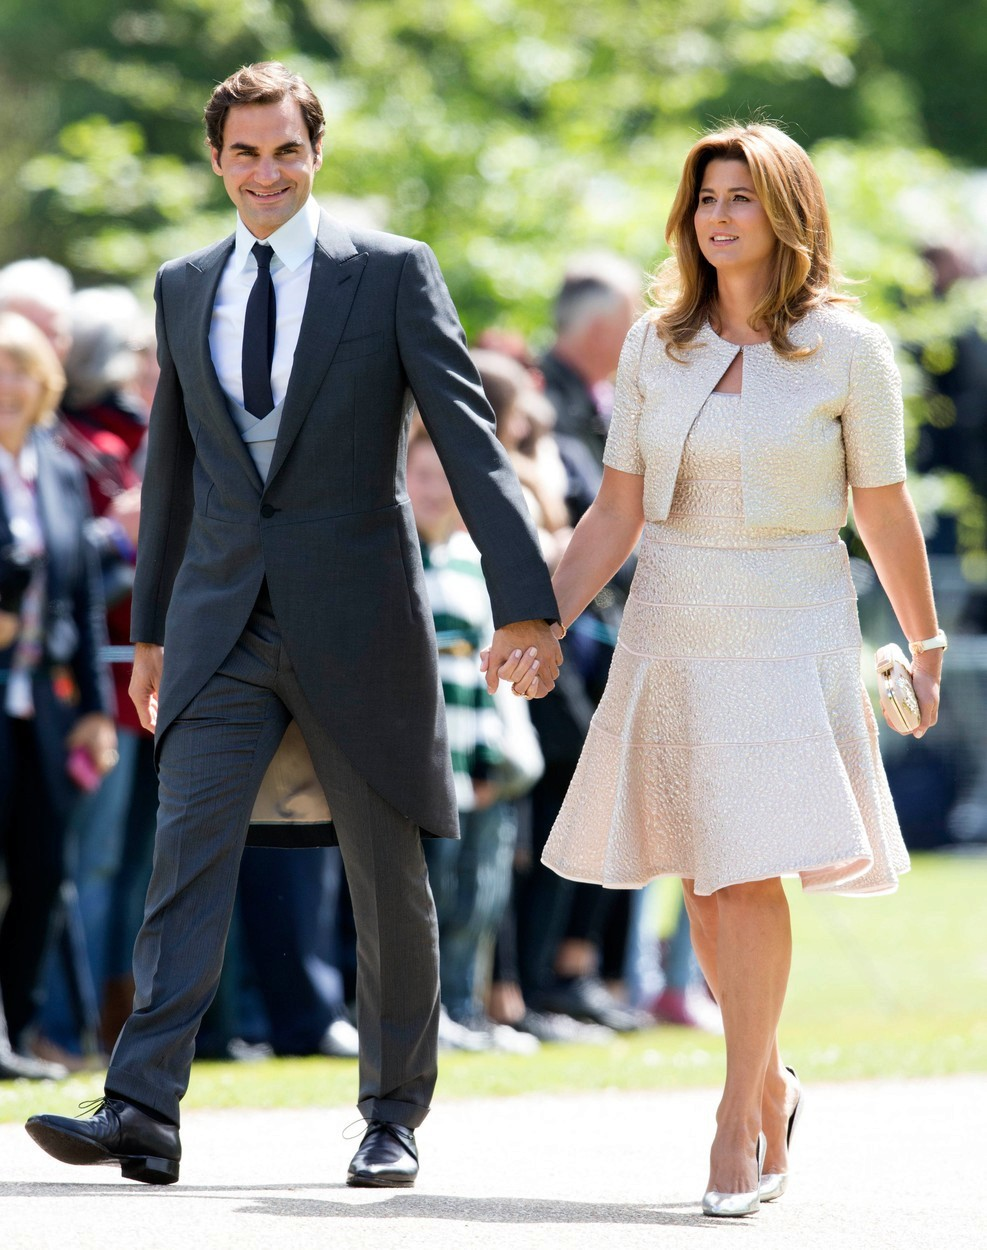 2017 - Tenista Roger Federer s manželkou Mirkou byli hosty na svatbě Pippy Middletonové, sestry vévodkyně Kate